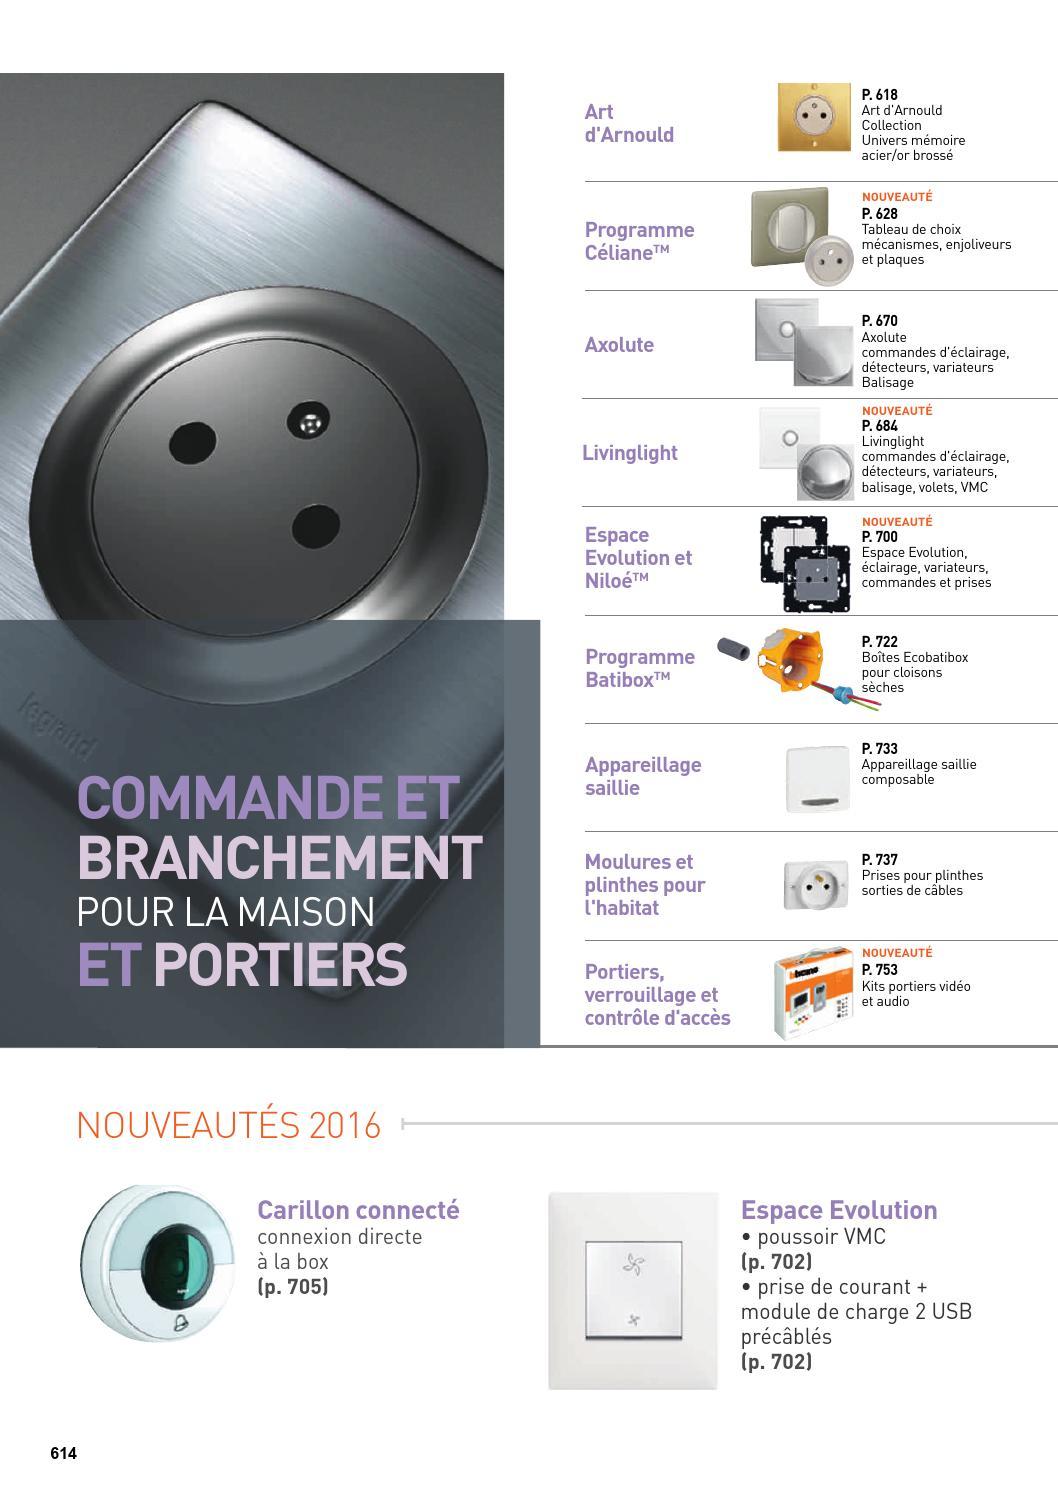 Diametre Scie Cloche Prise De Courant legrand commandes & branchement pour la maison et portiers